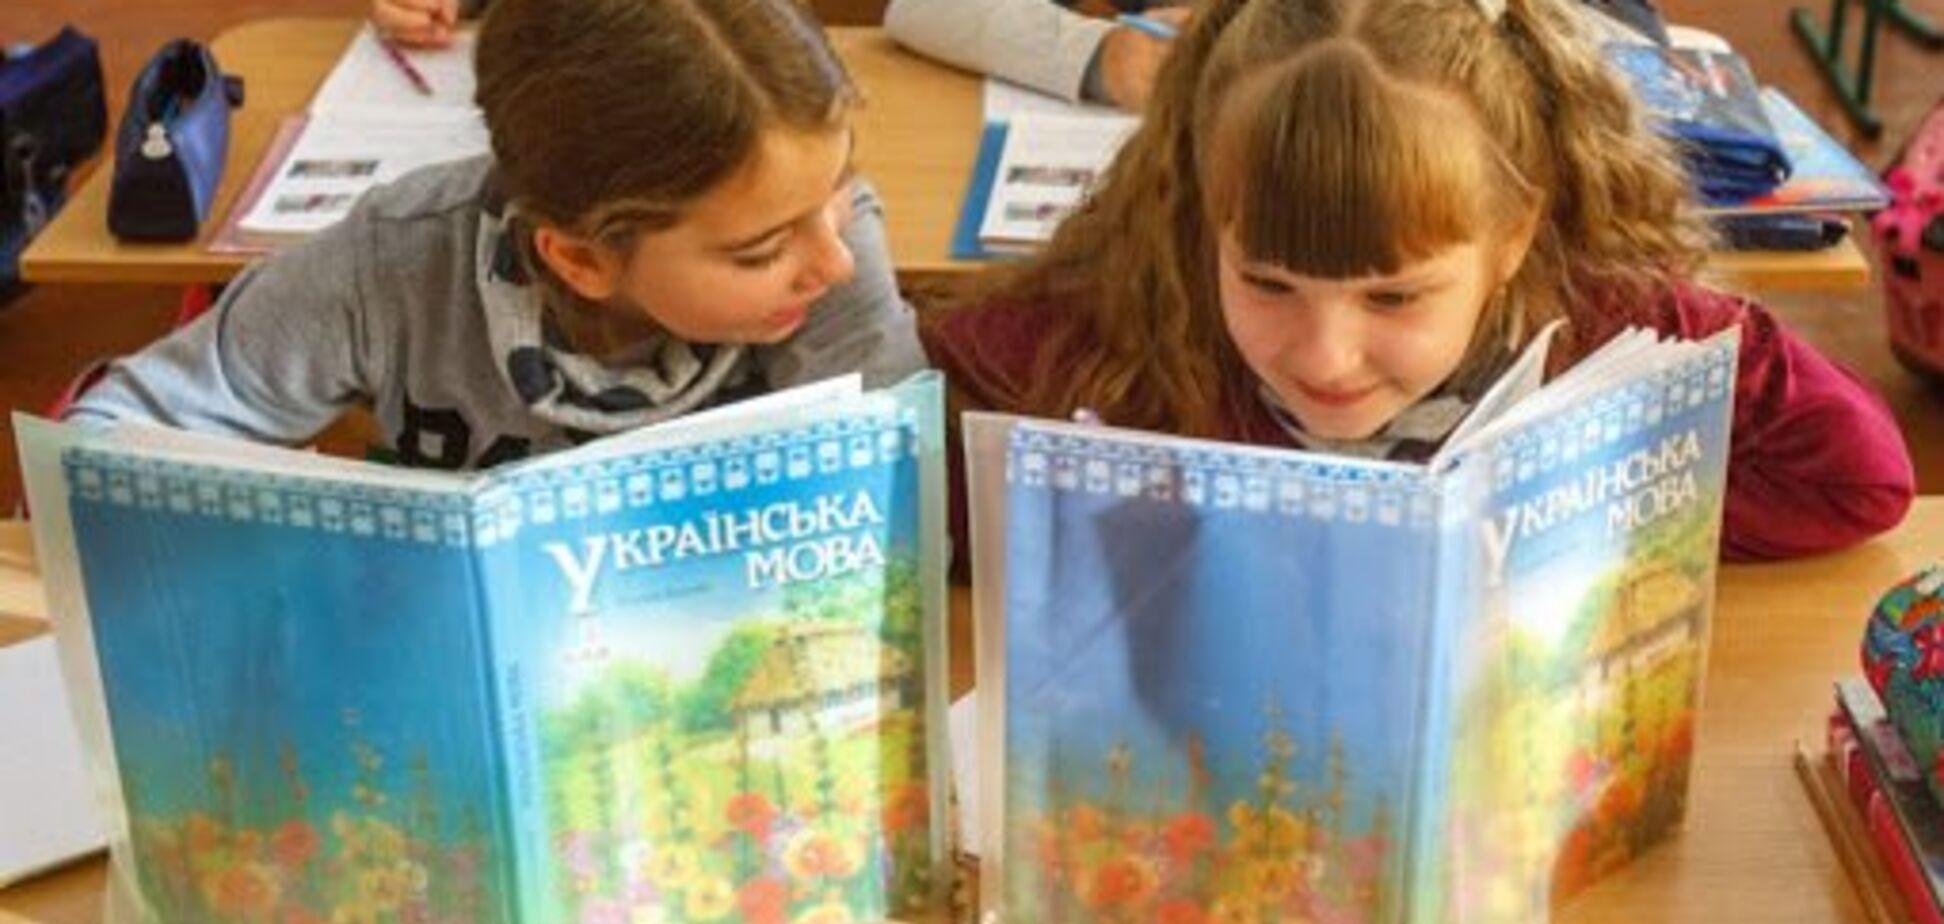 'Туалетная бумага важнее': педагог упрекнул школам за безразличное изучение украинского языка